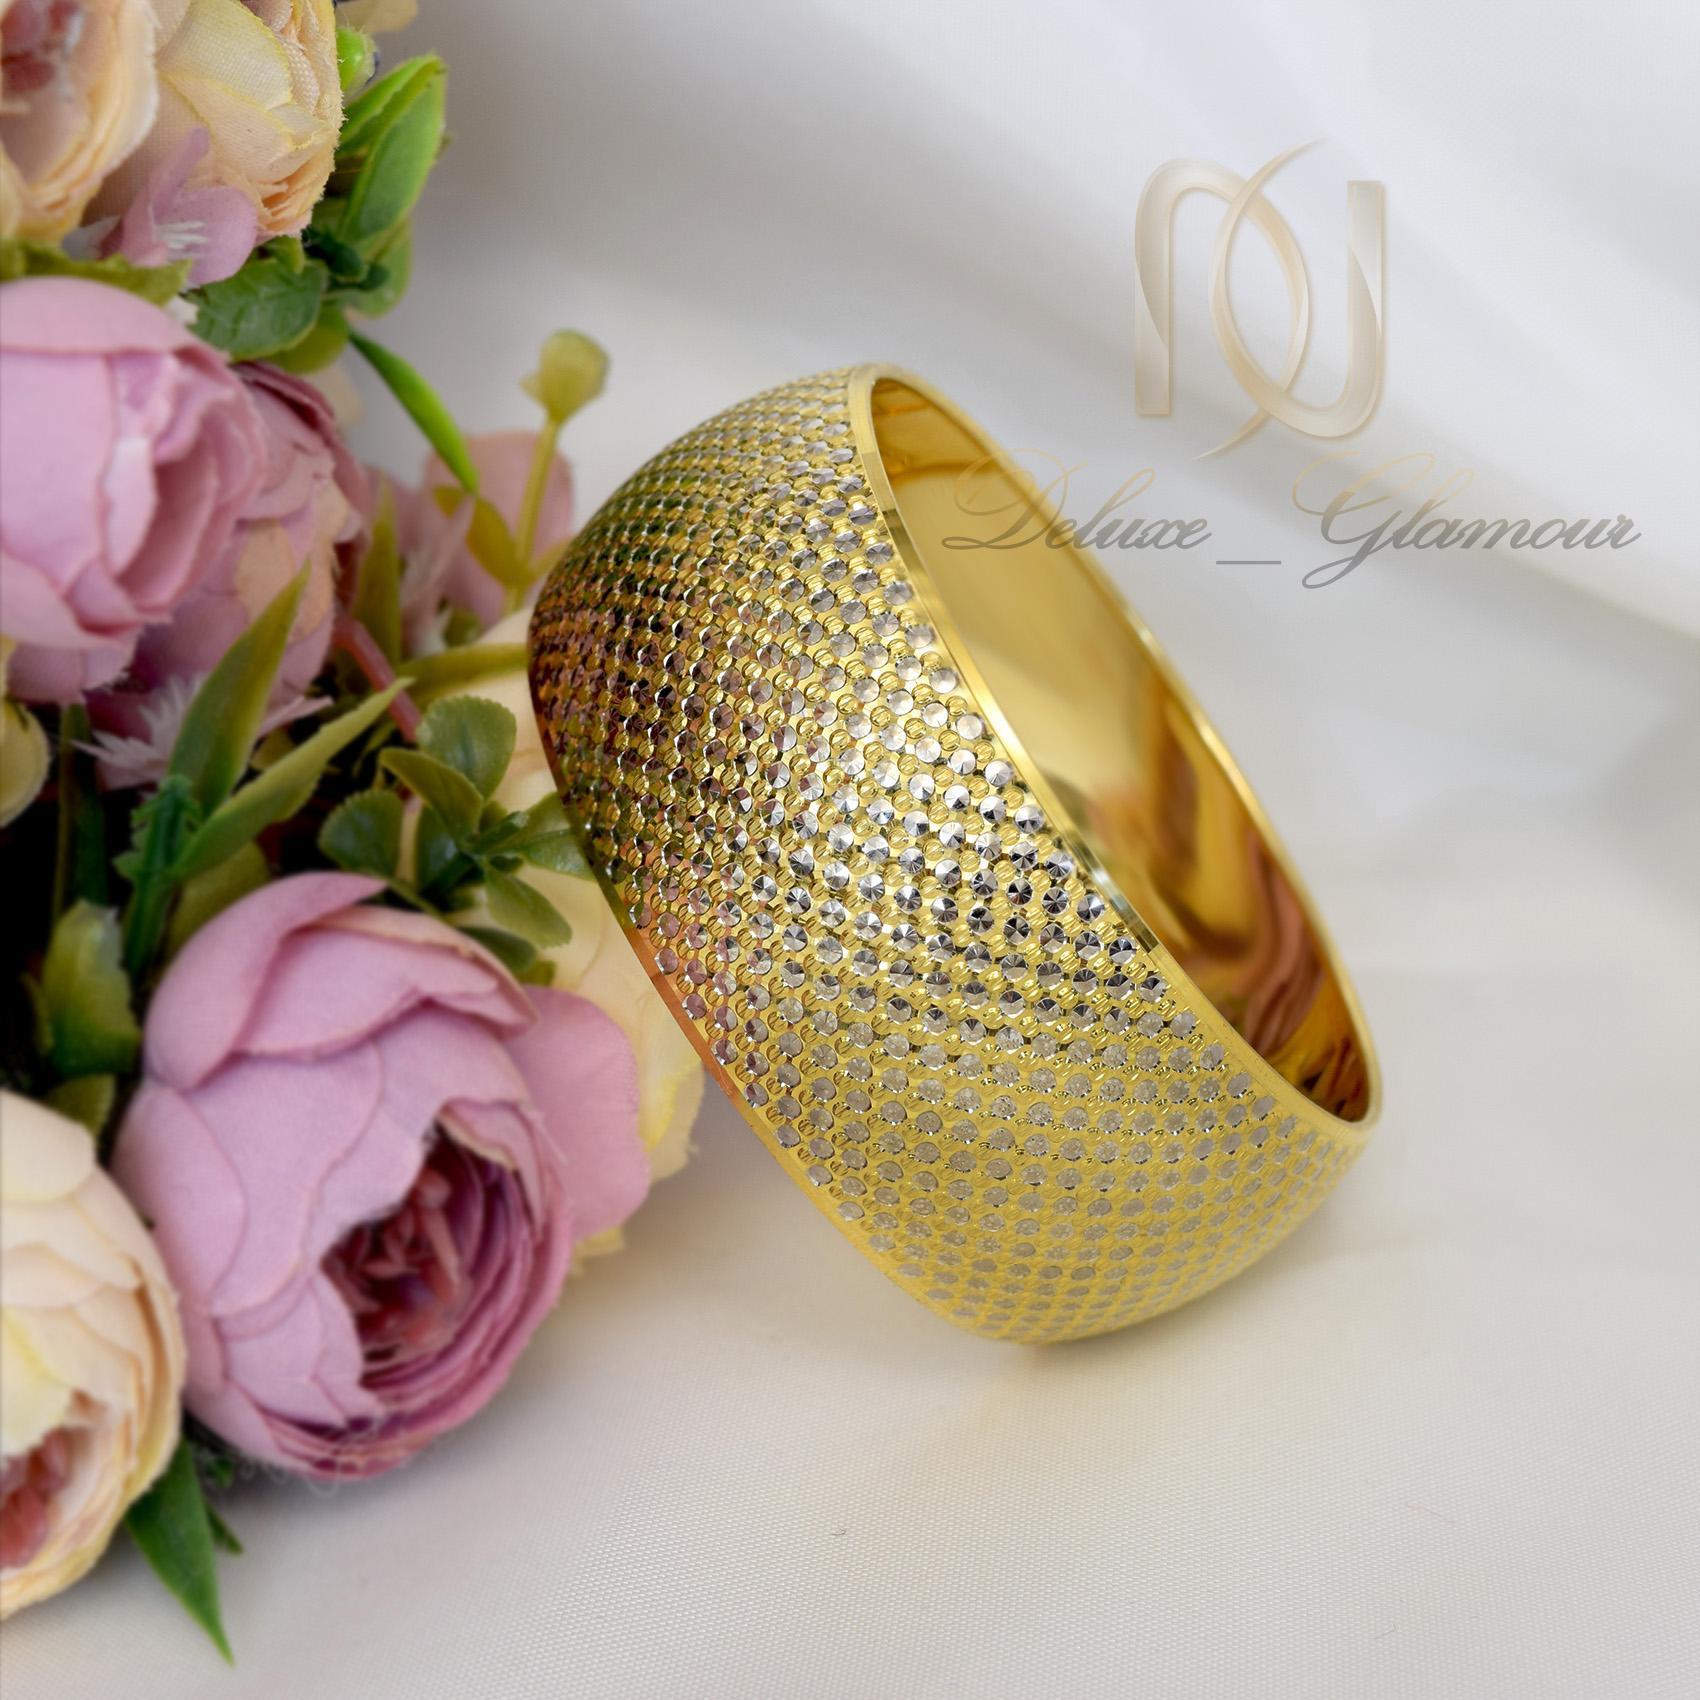 دستبند تك پوش نقره زنانه طرح طلا ds-n303 از نماي روبرو